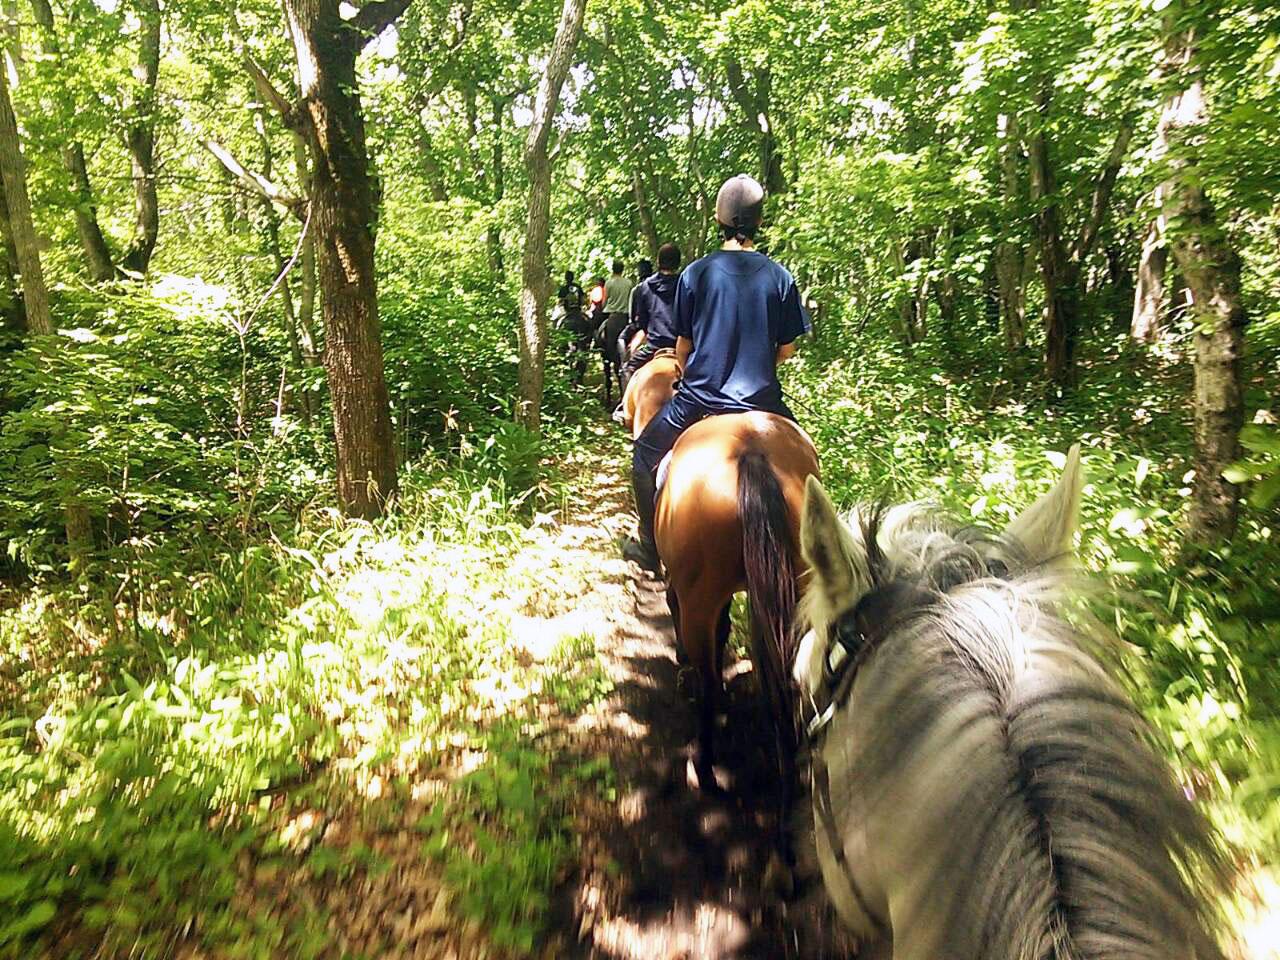 夏のトレッキング(馬からの眺め)